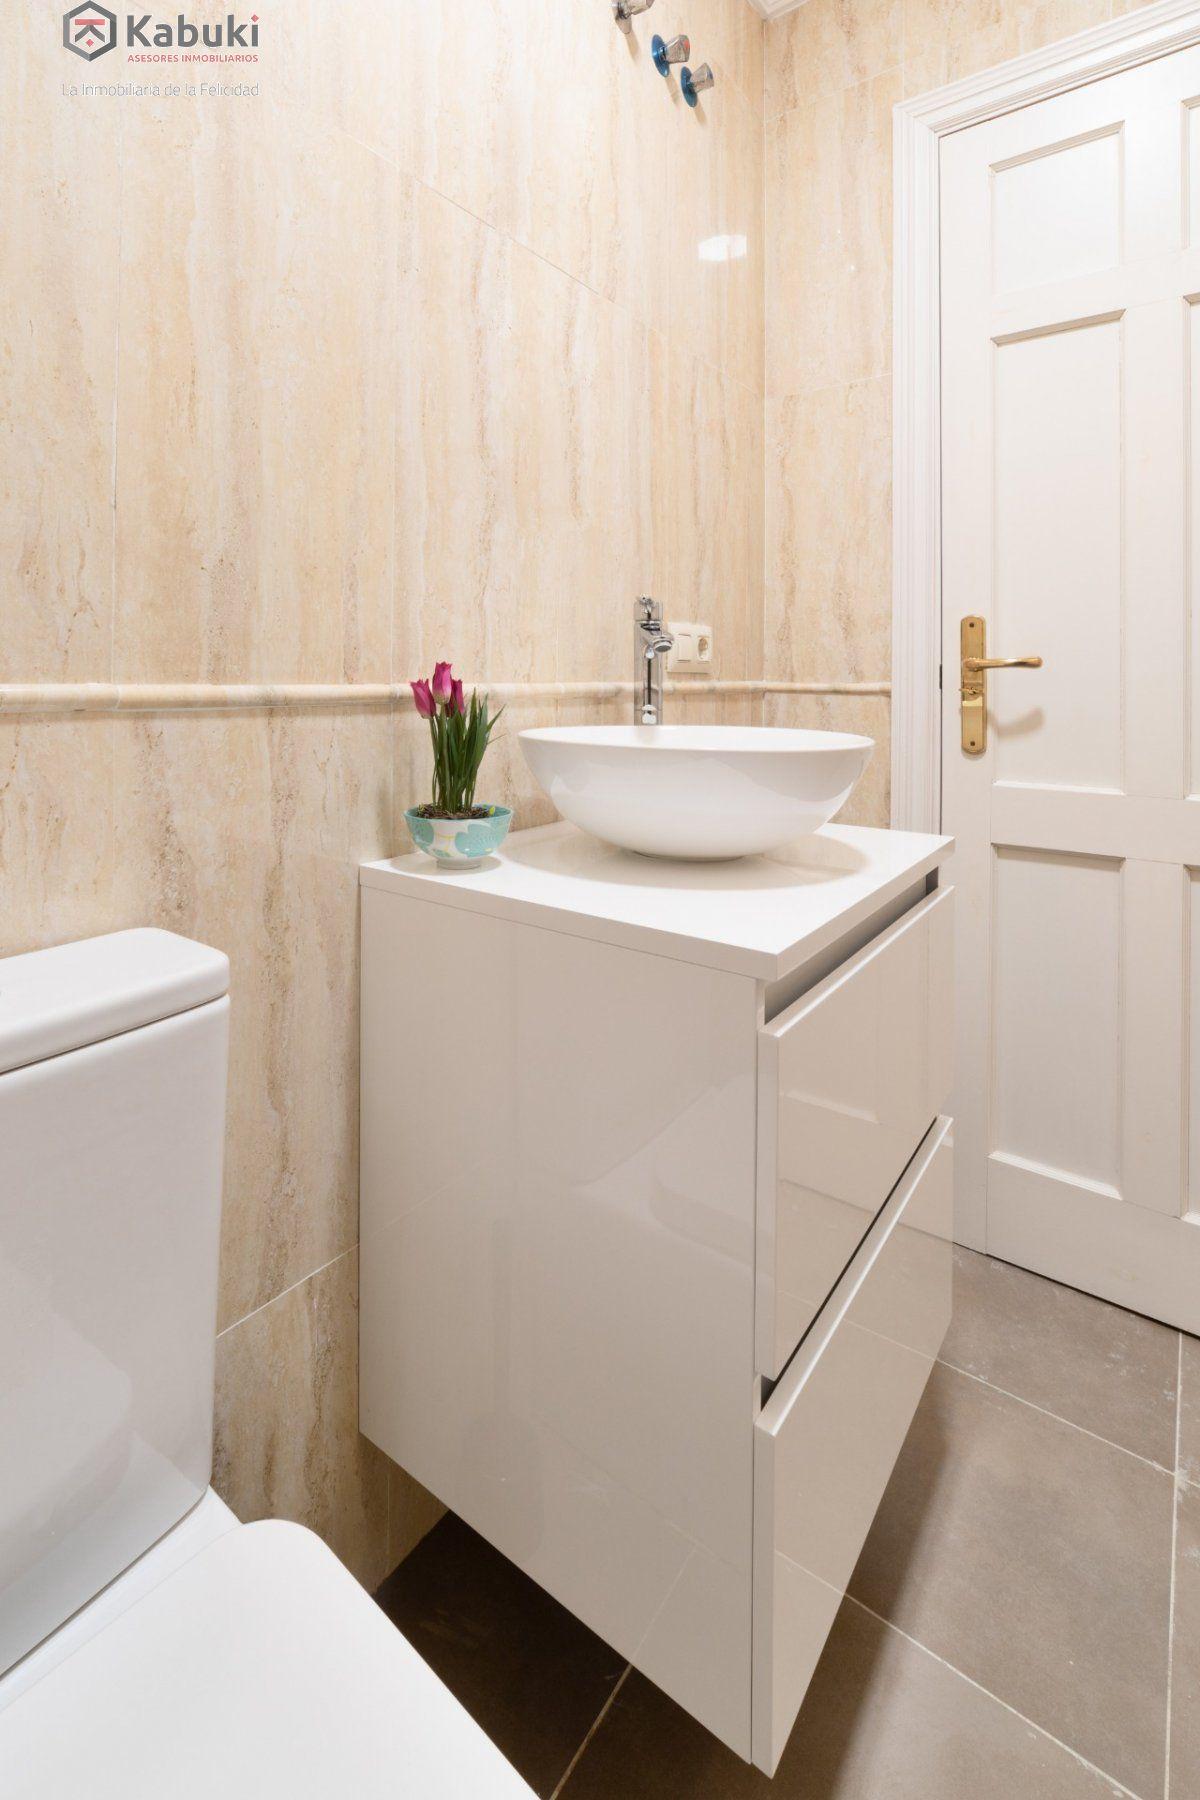 Magnífico inmueble de dos dormitorios en gran via. de estilo moderno, sentirás todo el con - imagenInmueble16